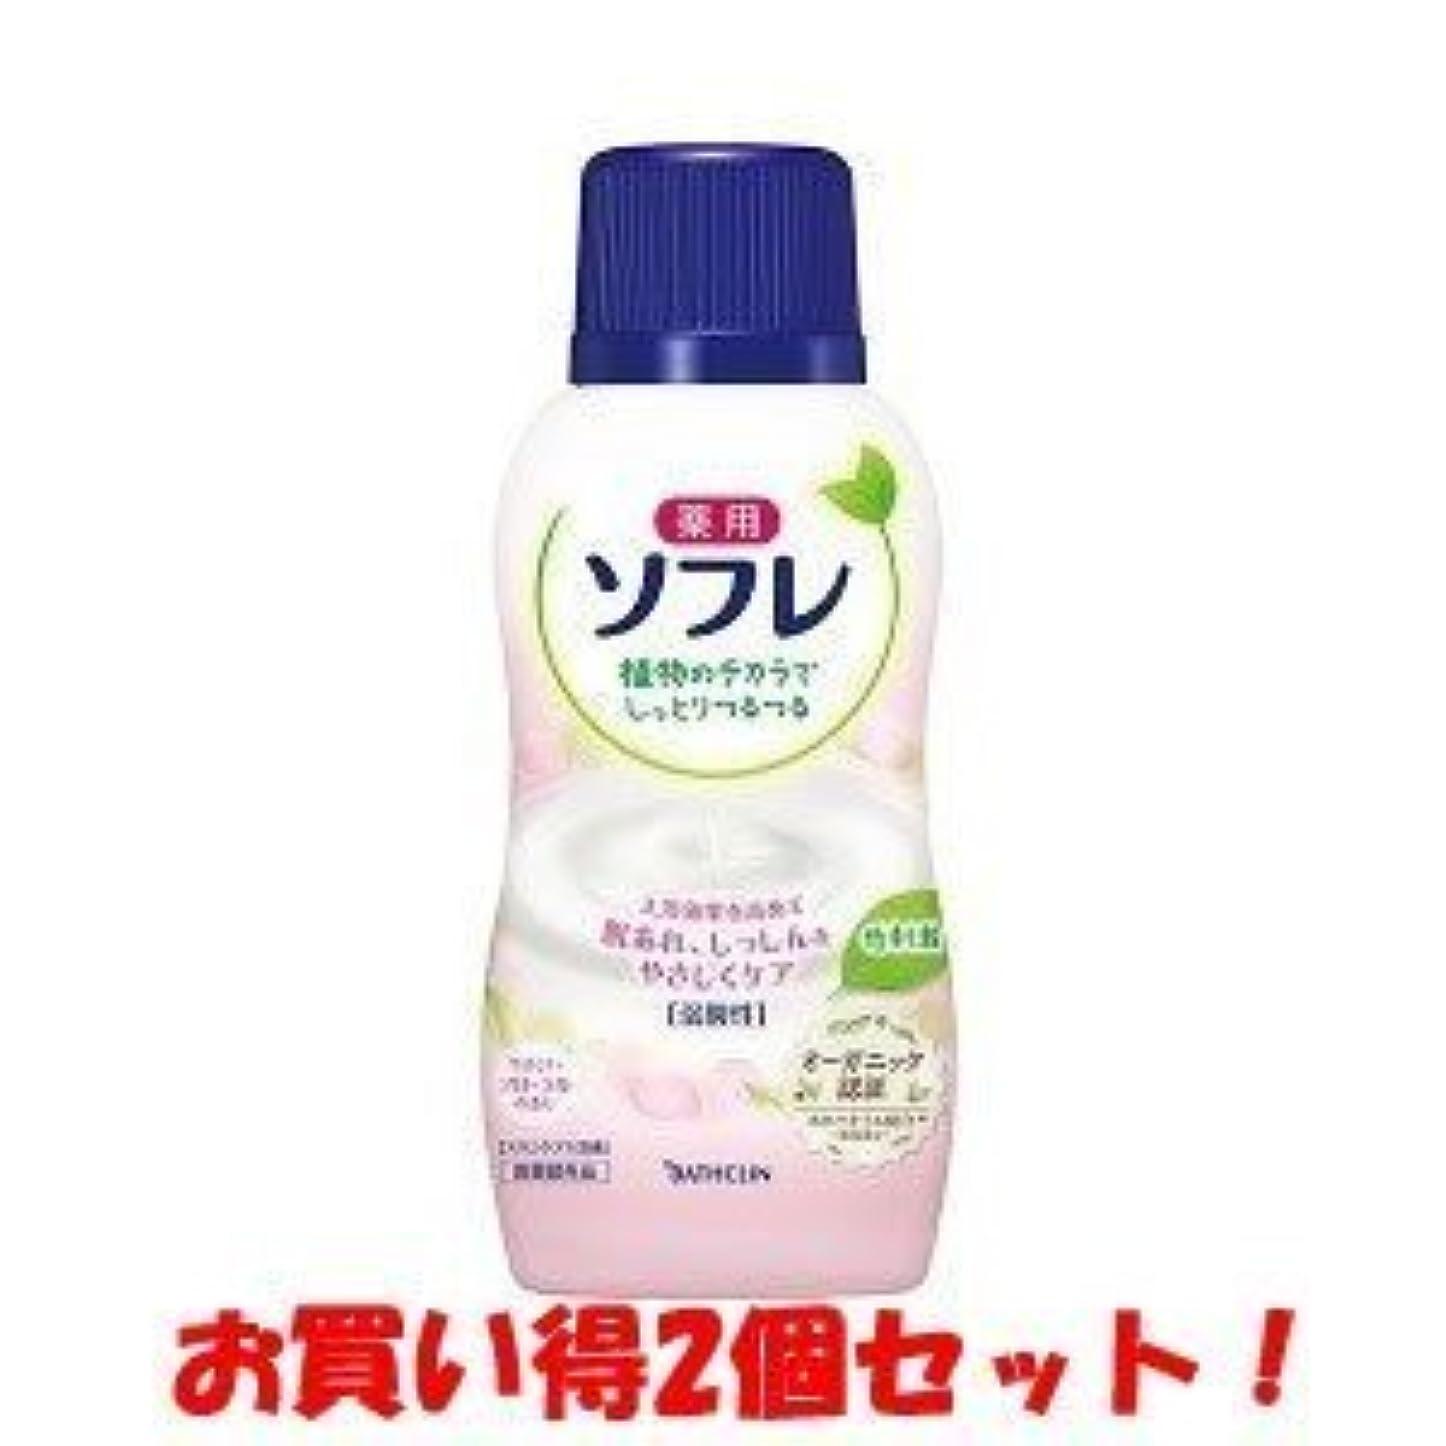 部族母性親密な(バスクリン)薬用ソフレ スキンケア入浴液 やさしいフローラル香り 720ml(医薬部外品)(お買い得2個セット)